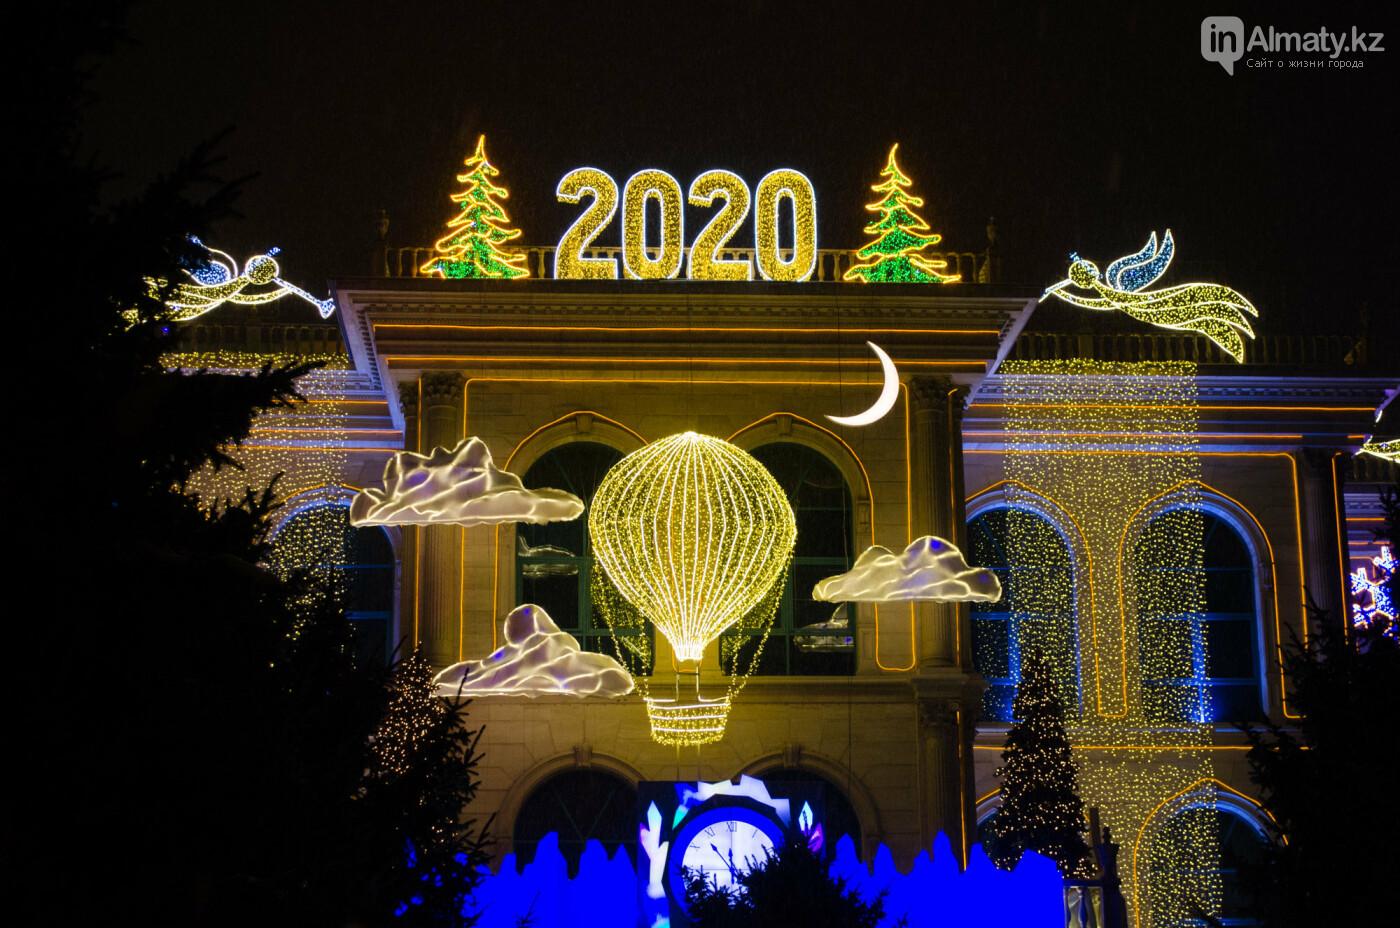 Как украшен центр Алматы к Новому году (фото), фото-17